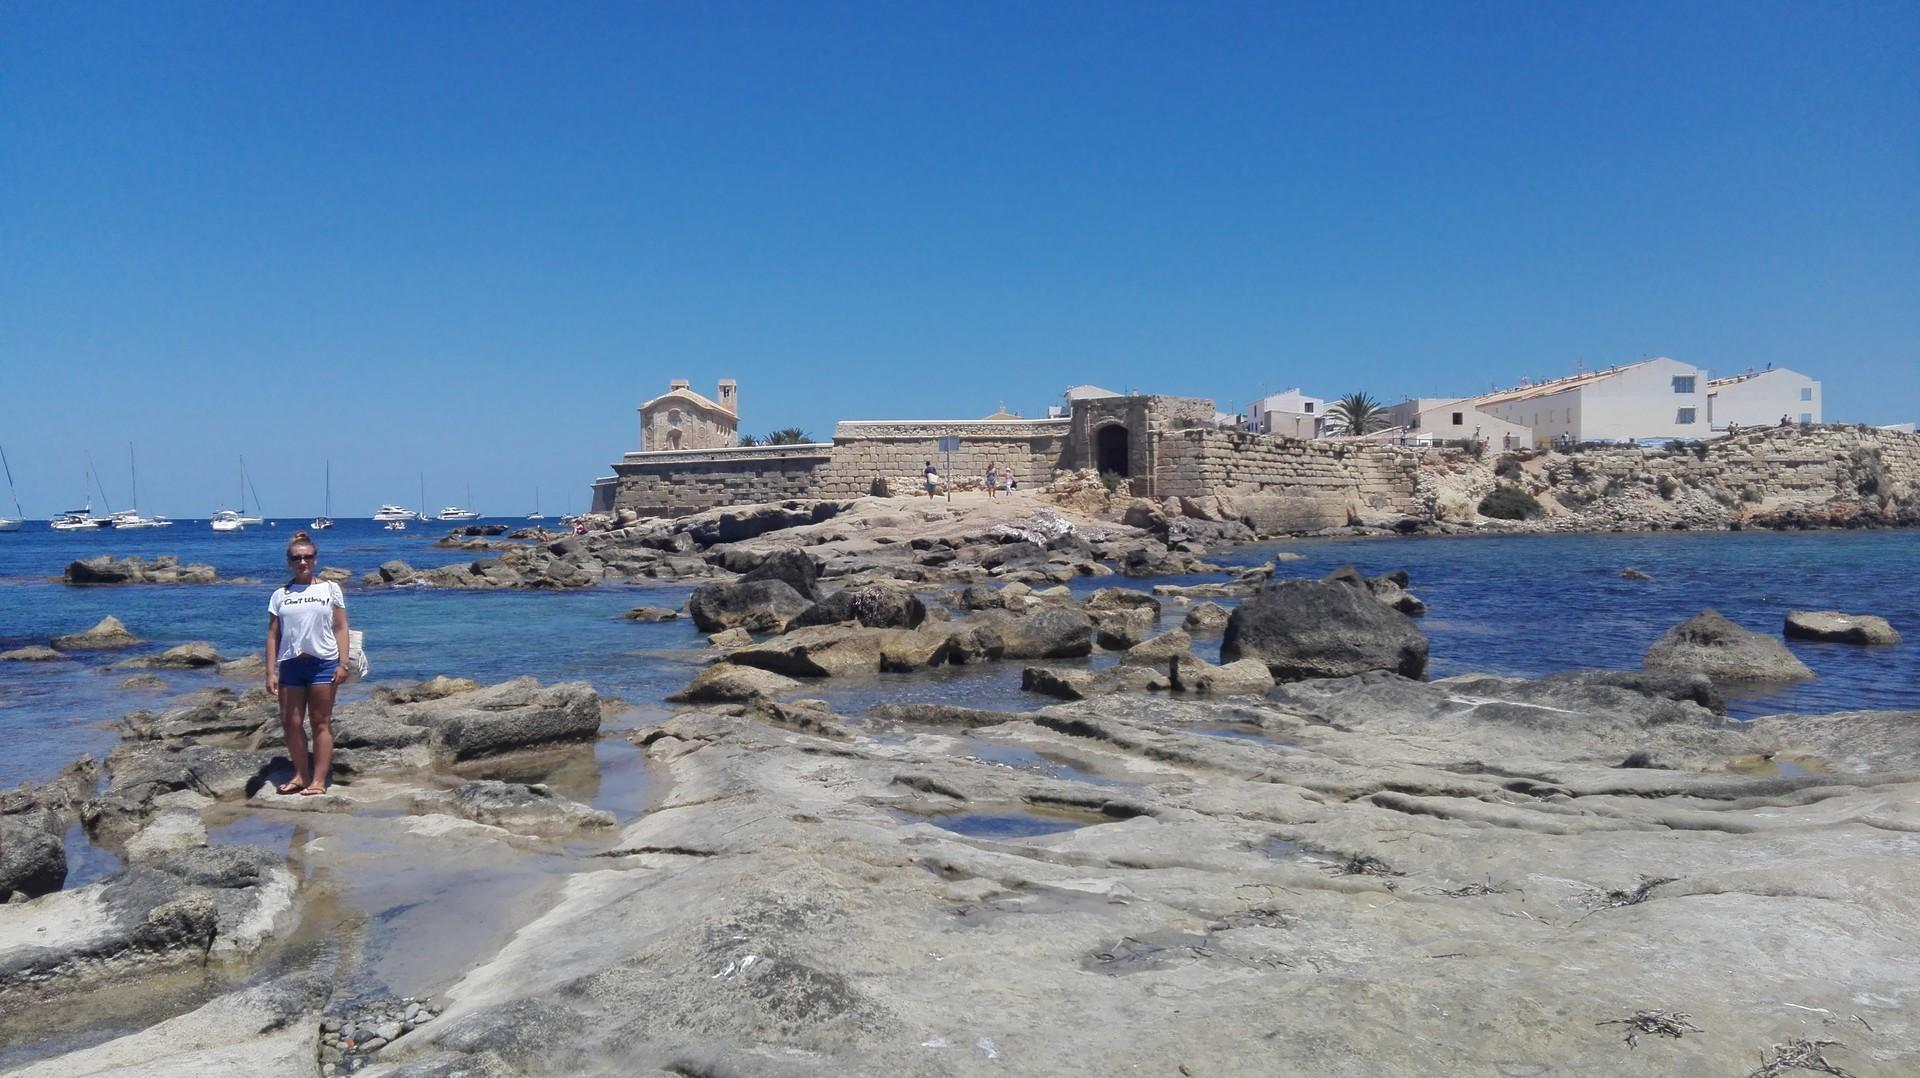 Isla de tabarca qu hacer en alicante - Hoteles en isla tabarca ...